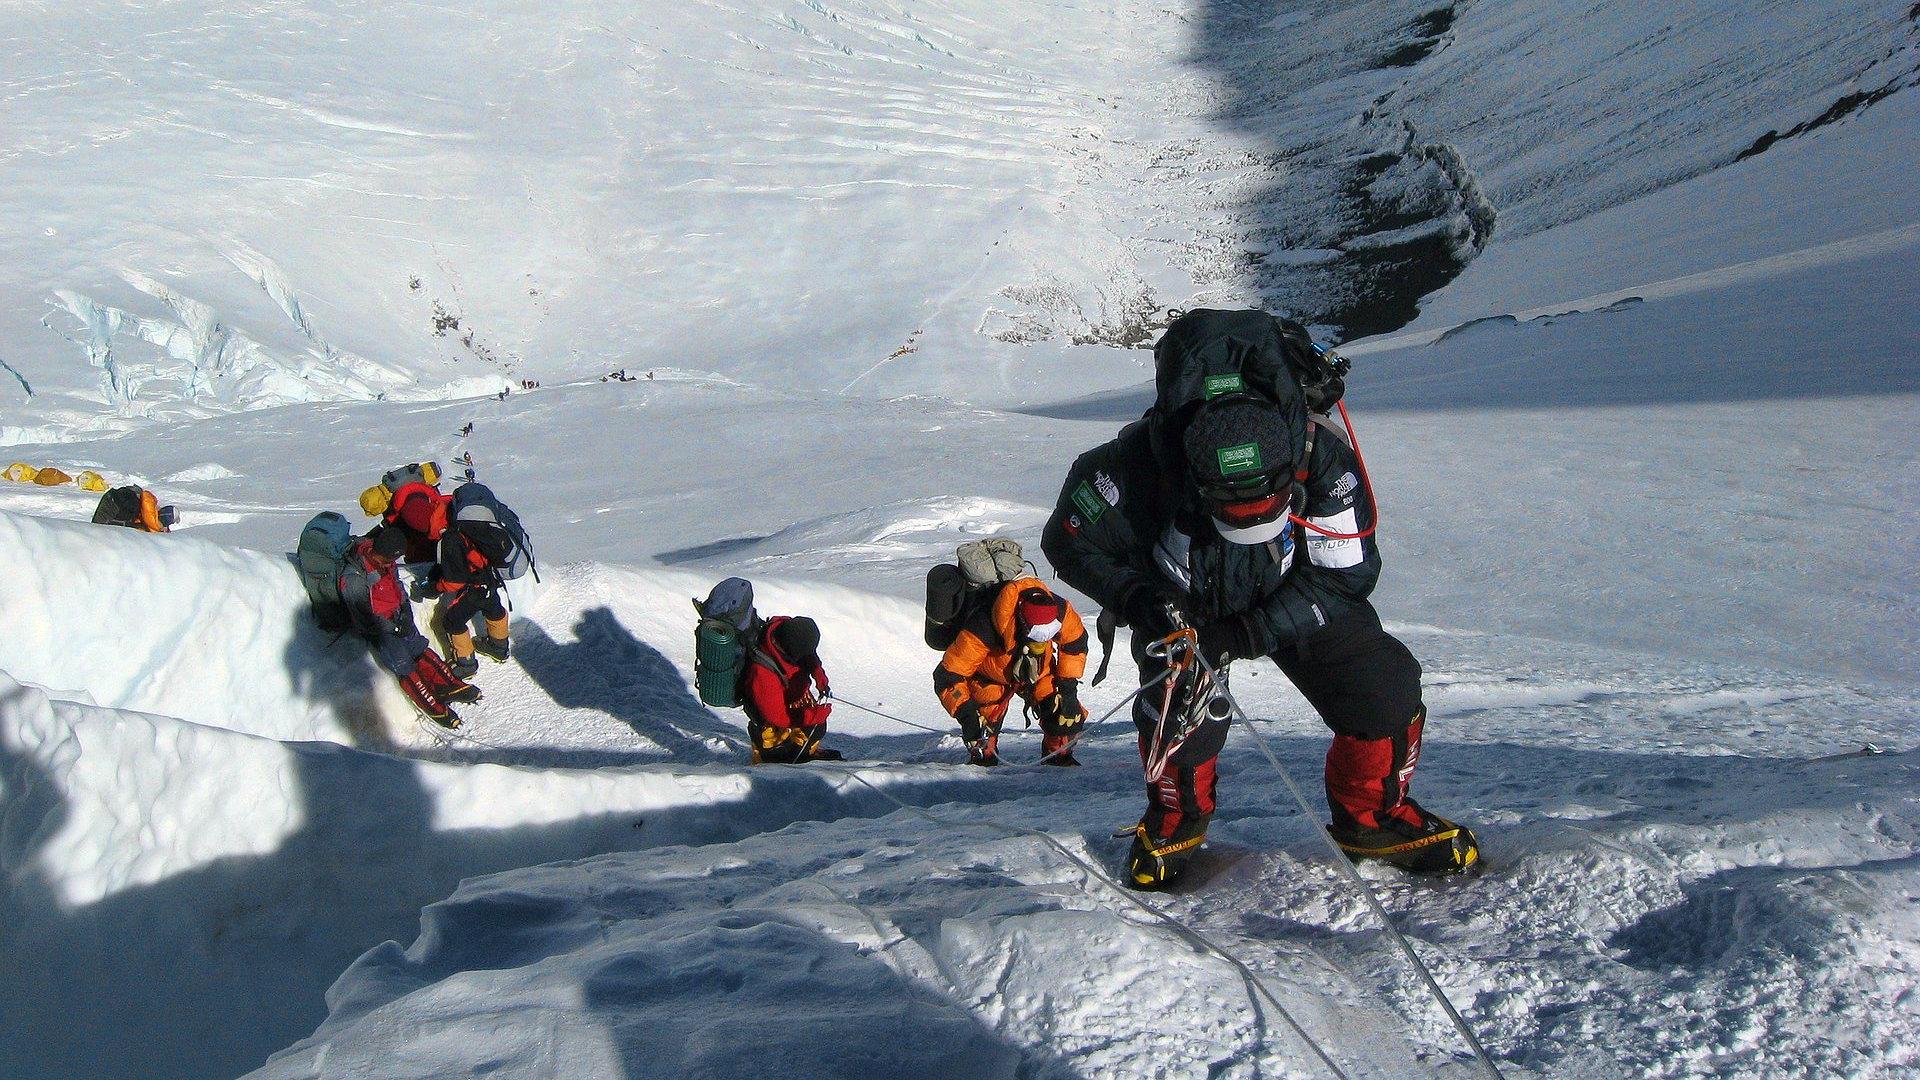 Beklimming Mount Everest